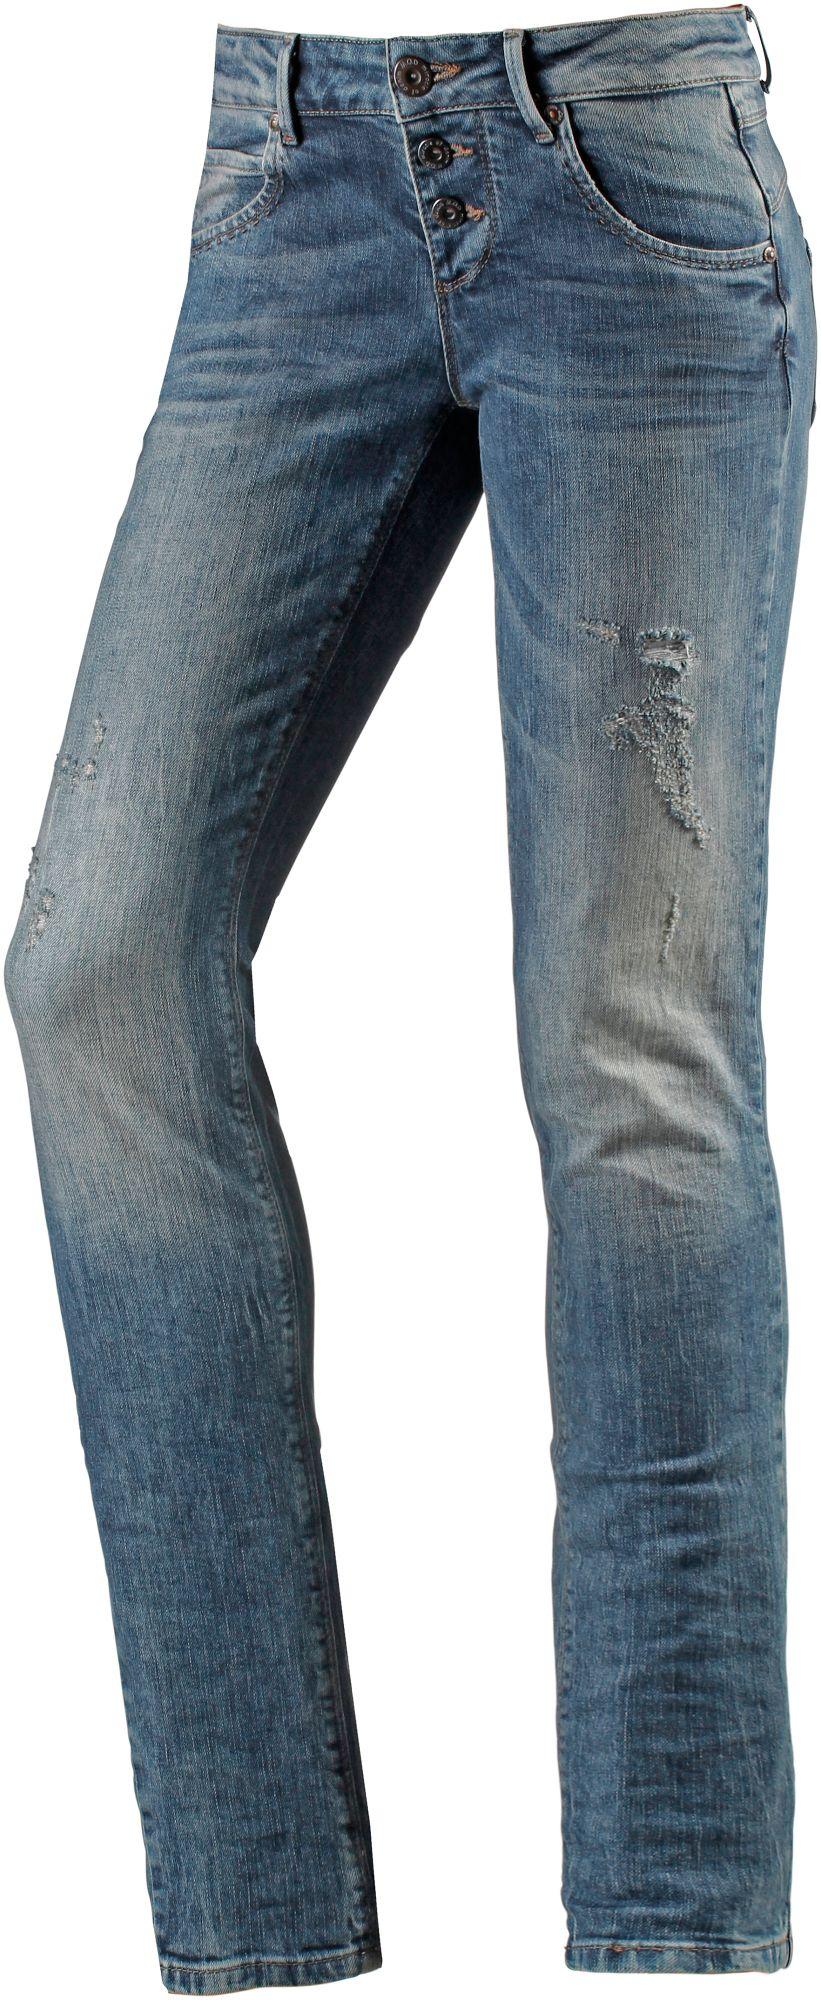 Ulla Skinny Fit Jeans Damen in blau, Größe 31 / 32